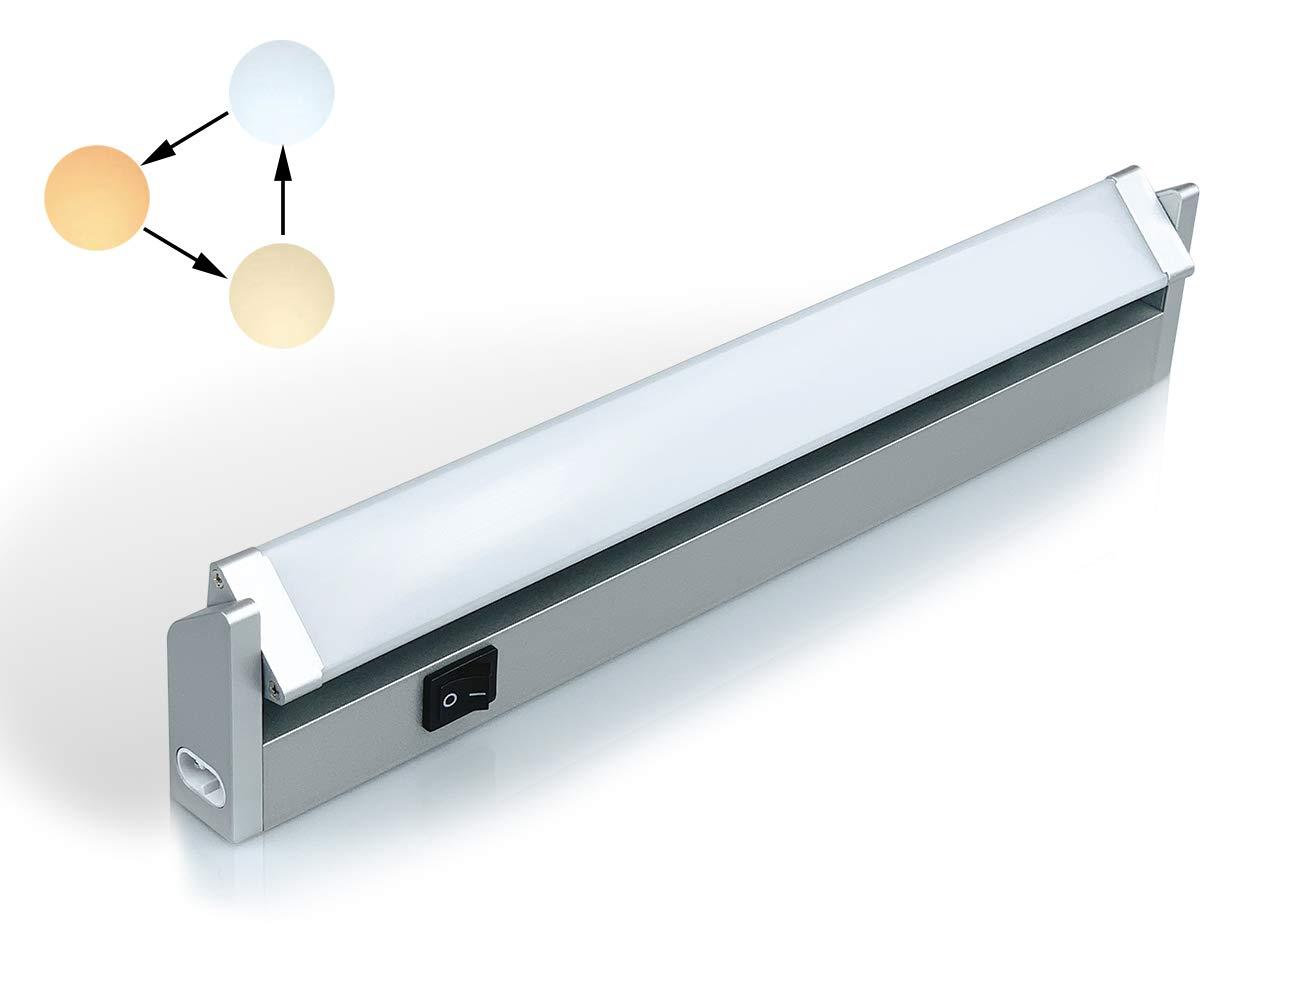 Led Unterbauleuchte Schwenkbar Küchenlampe Unterbau Schrankbeleuchtung mit  Schalter Schrauben Dübel Verbindungskabel Warmweiß 20 Farbton Neutralweiß